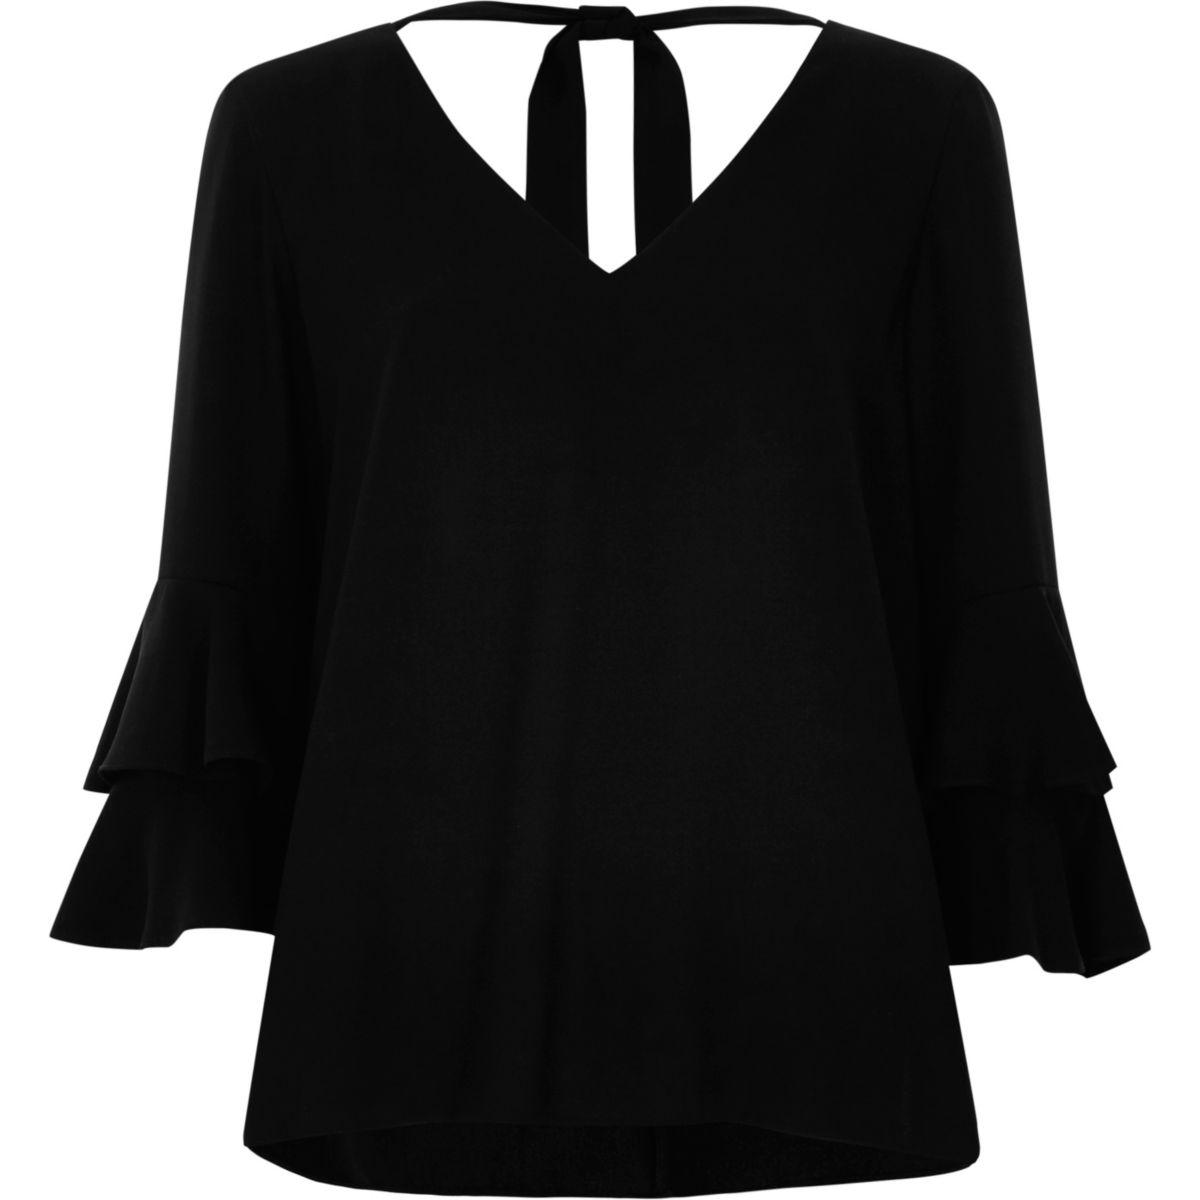 Zwarte top met V-hals, klokkende mouwen en strik achter